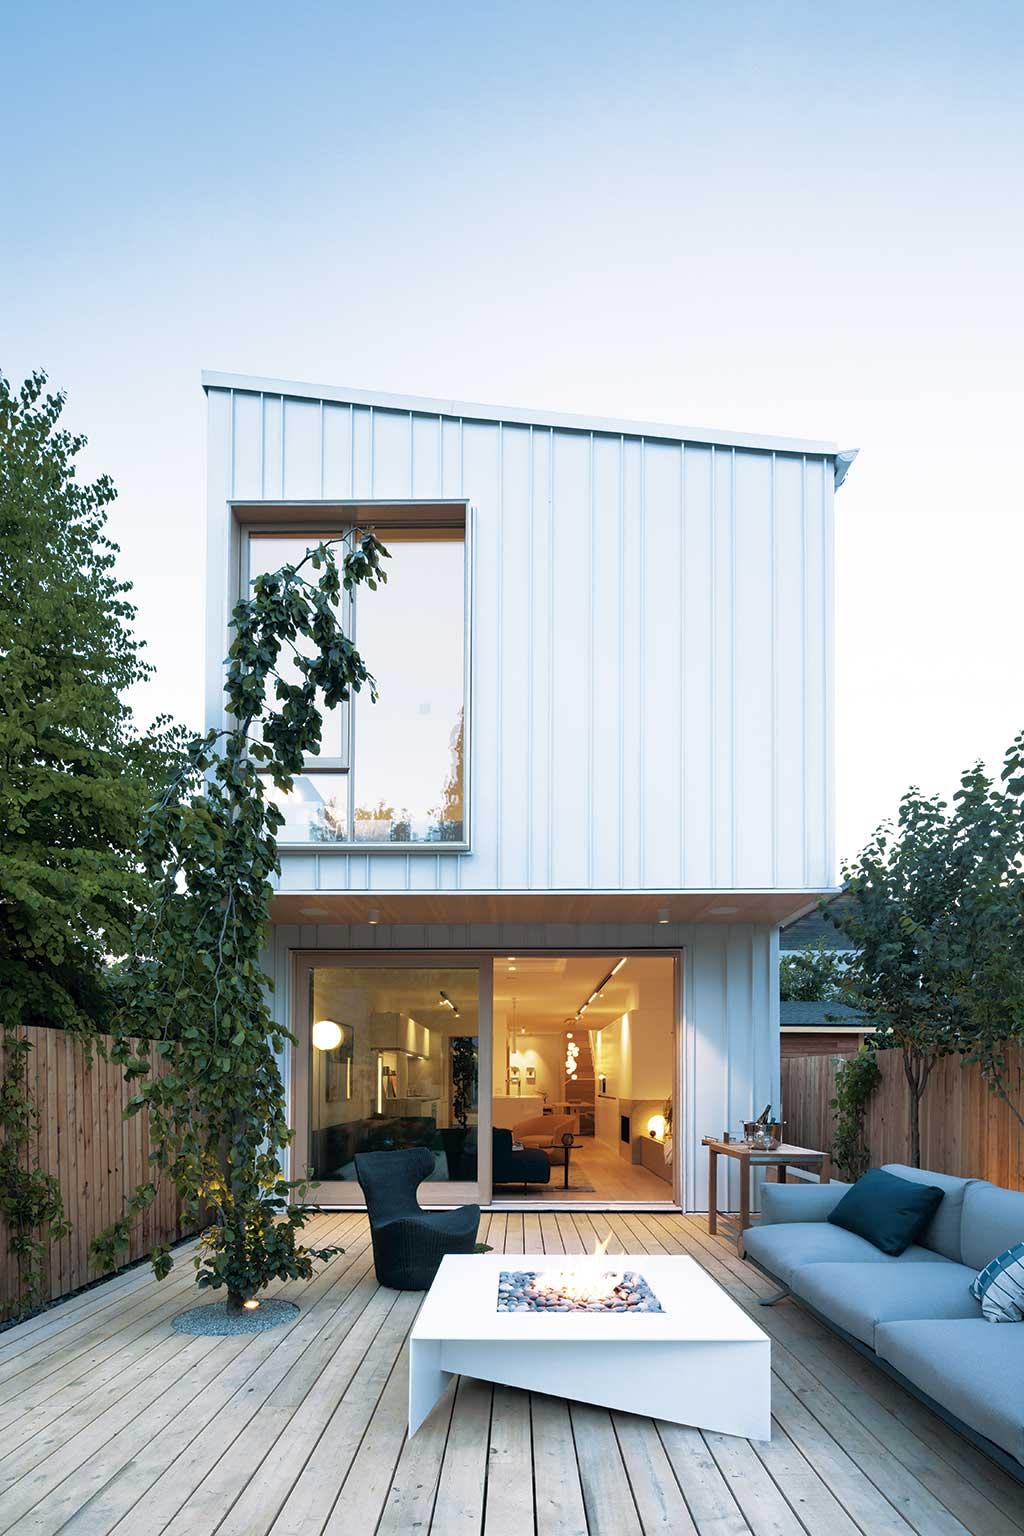 Claves iluminación viviendas.